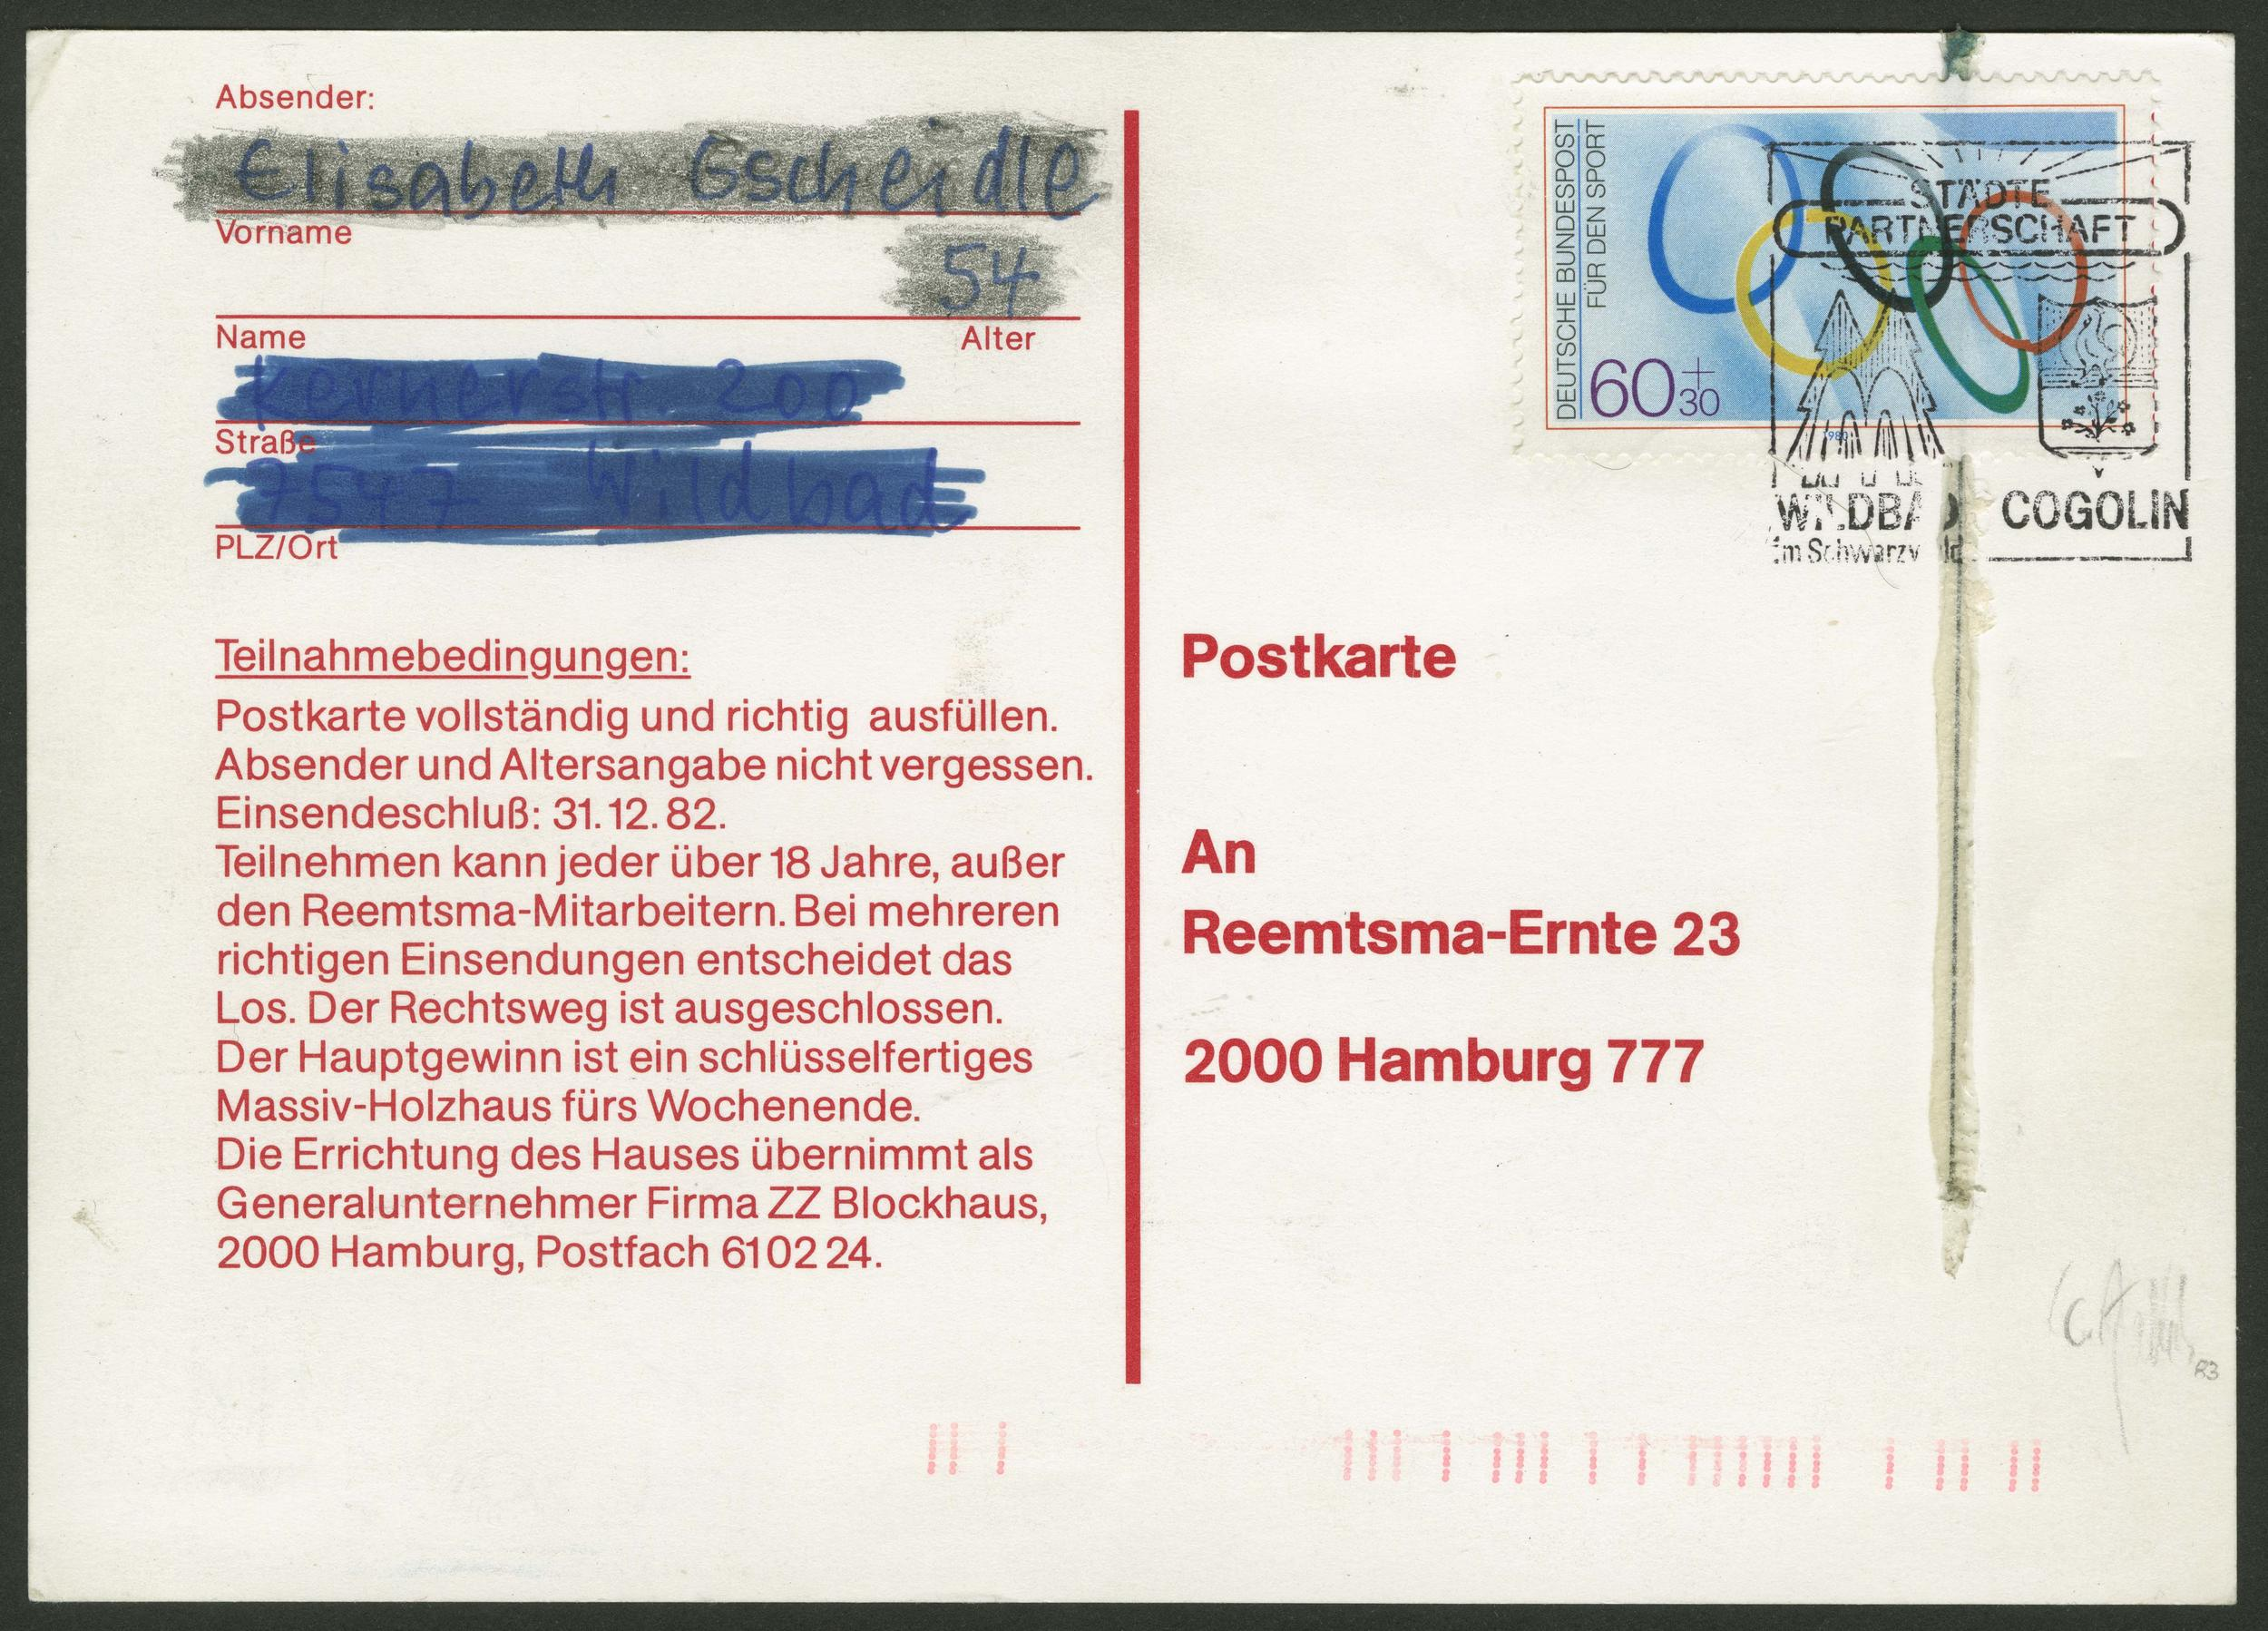 Großartig Beispiel Ostern Postkarten Schablone Bilder - Bilder für ...